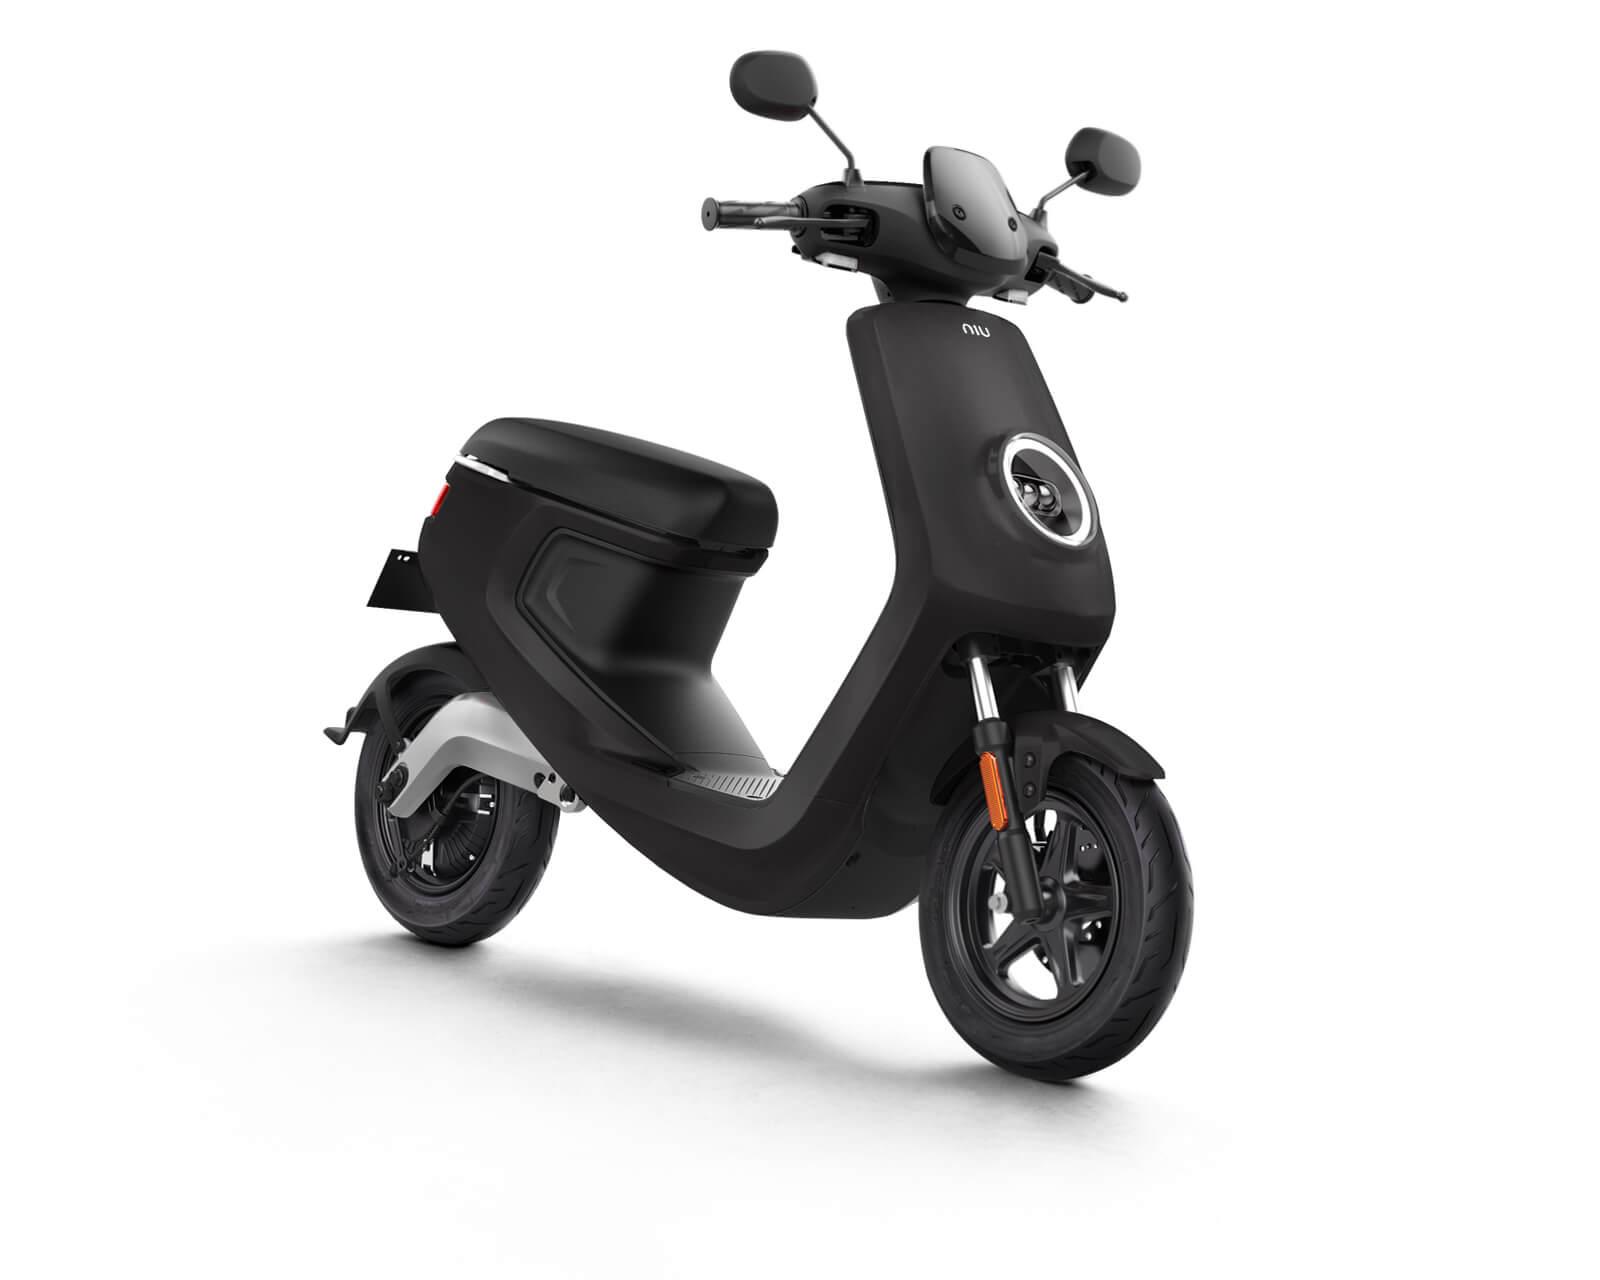 achat scooter electronique connecté pro- niu- paris